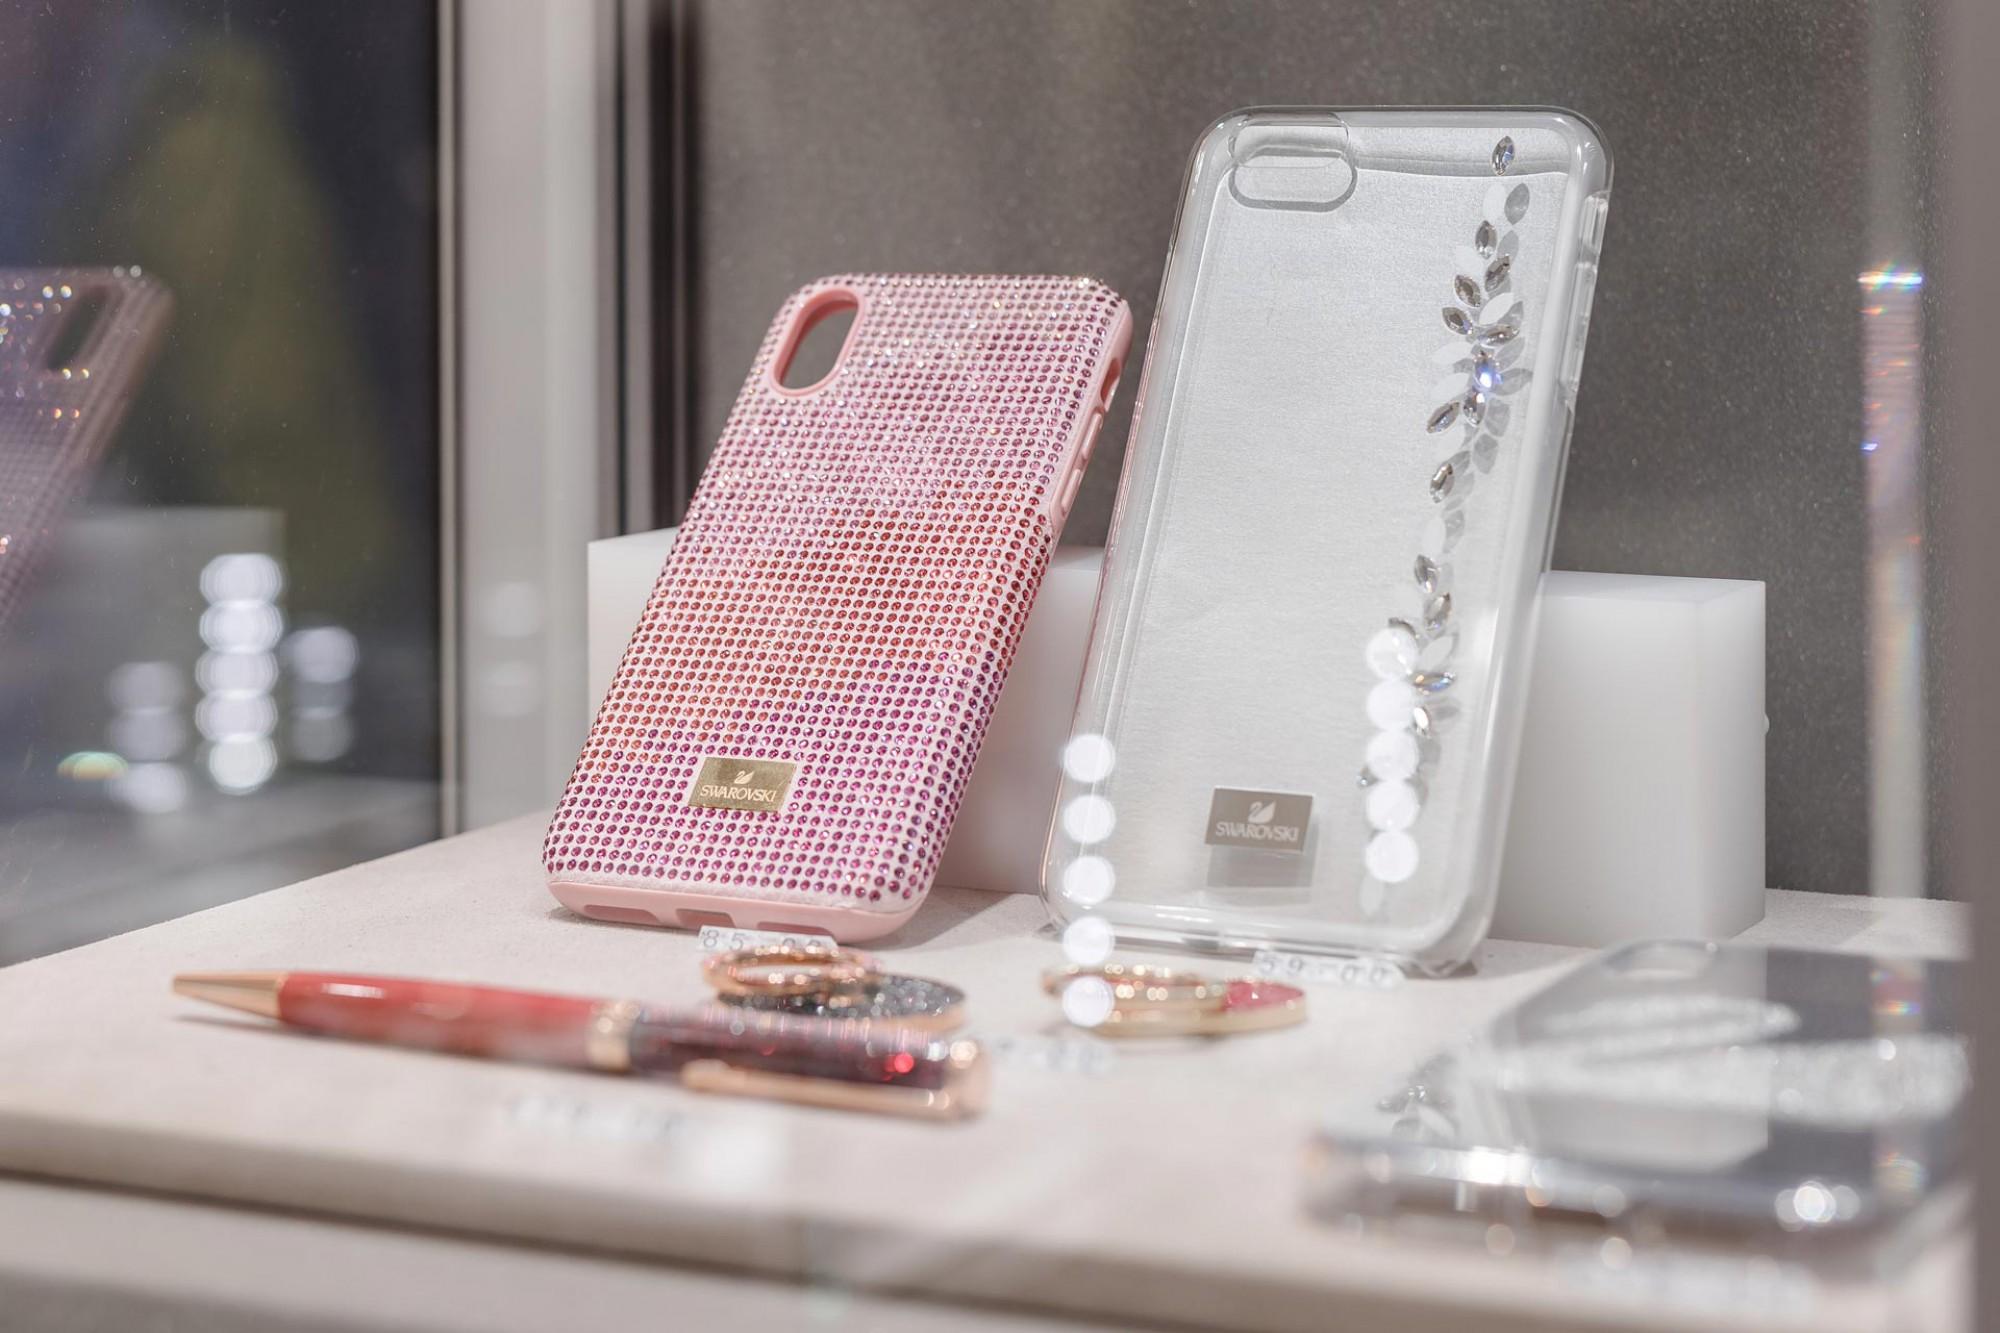 gioielleria eurobijoux accessori oggettistica idee regalo